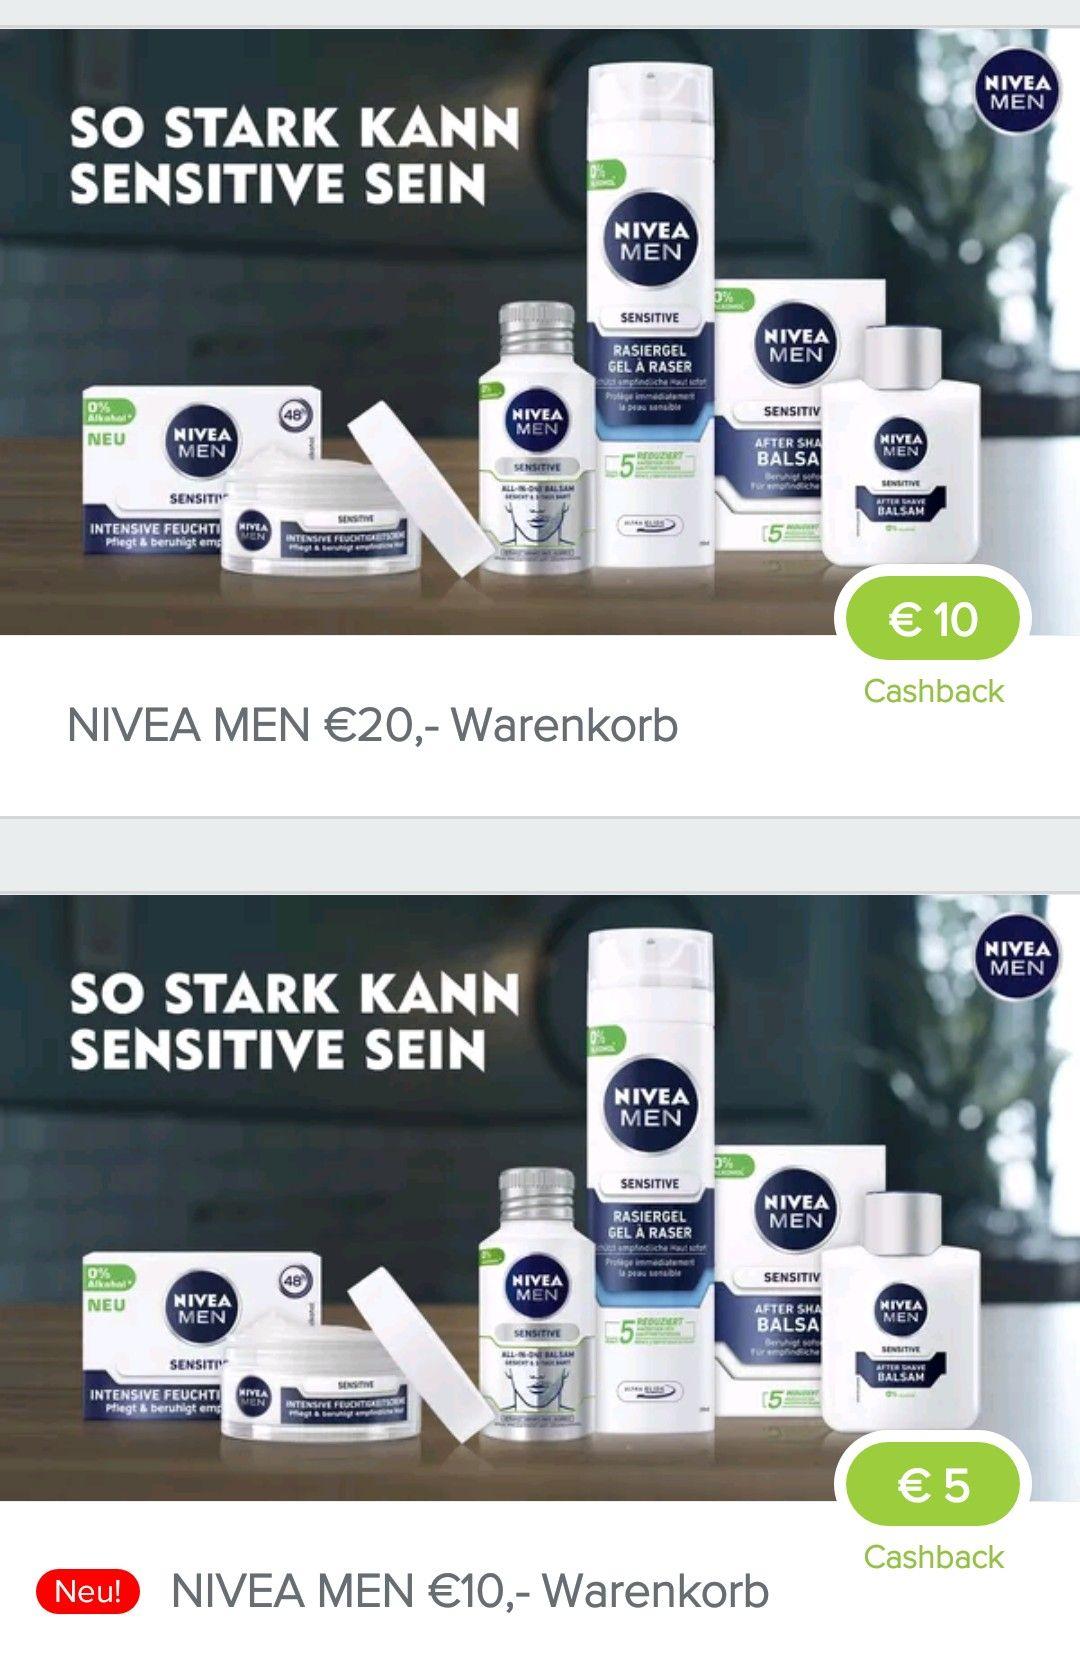 [Marktguru] 5 Euro Cashback bei 10 Euro Einkauf von Nivea Man Produkten bzw 10 CB bei 20 Euro